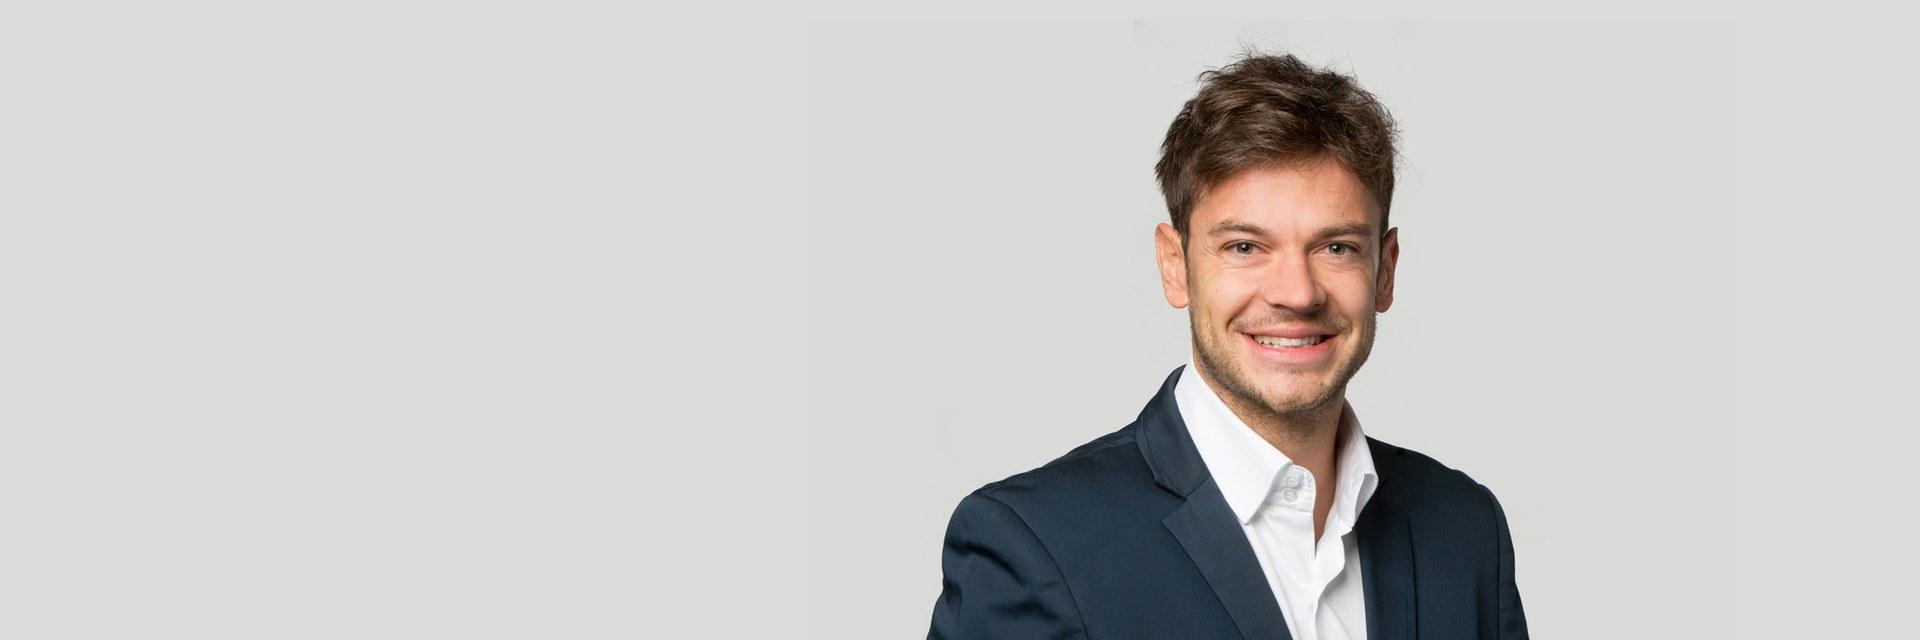 Dr. Emanuele Laurenzi